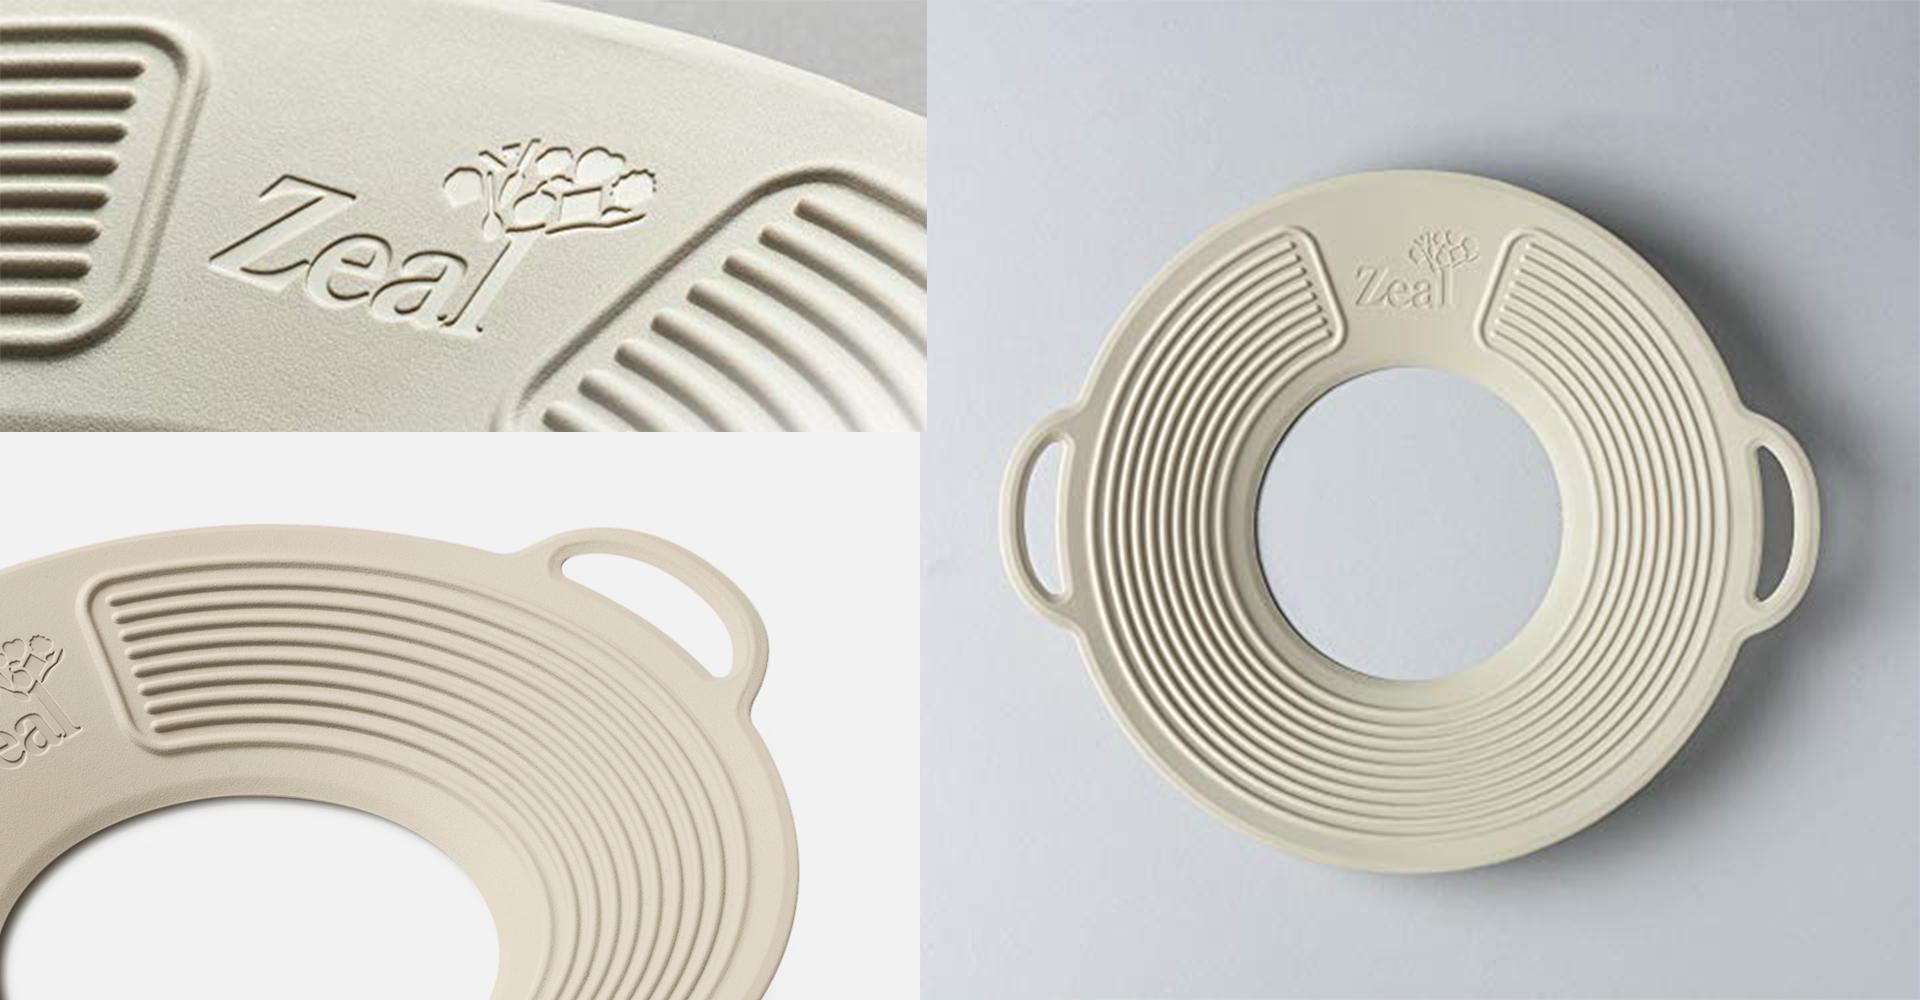 CKS Zeal 2018 range| CKS - Zeal - Boil over lid - Lid - Texture - Design - Detail - Close up - Handle - Hole - Matte